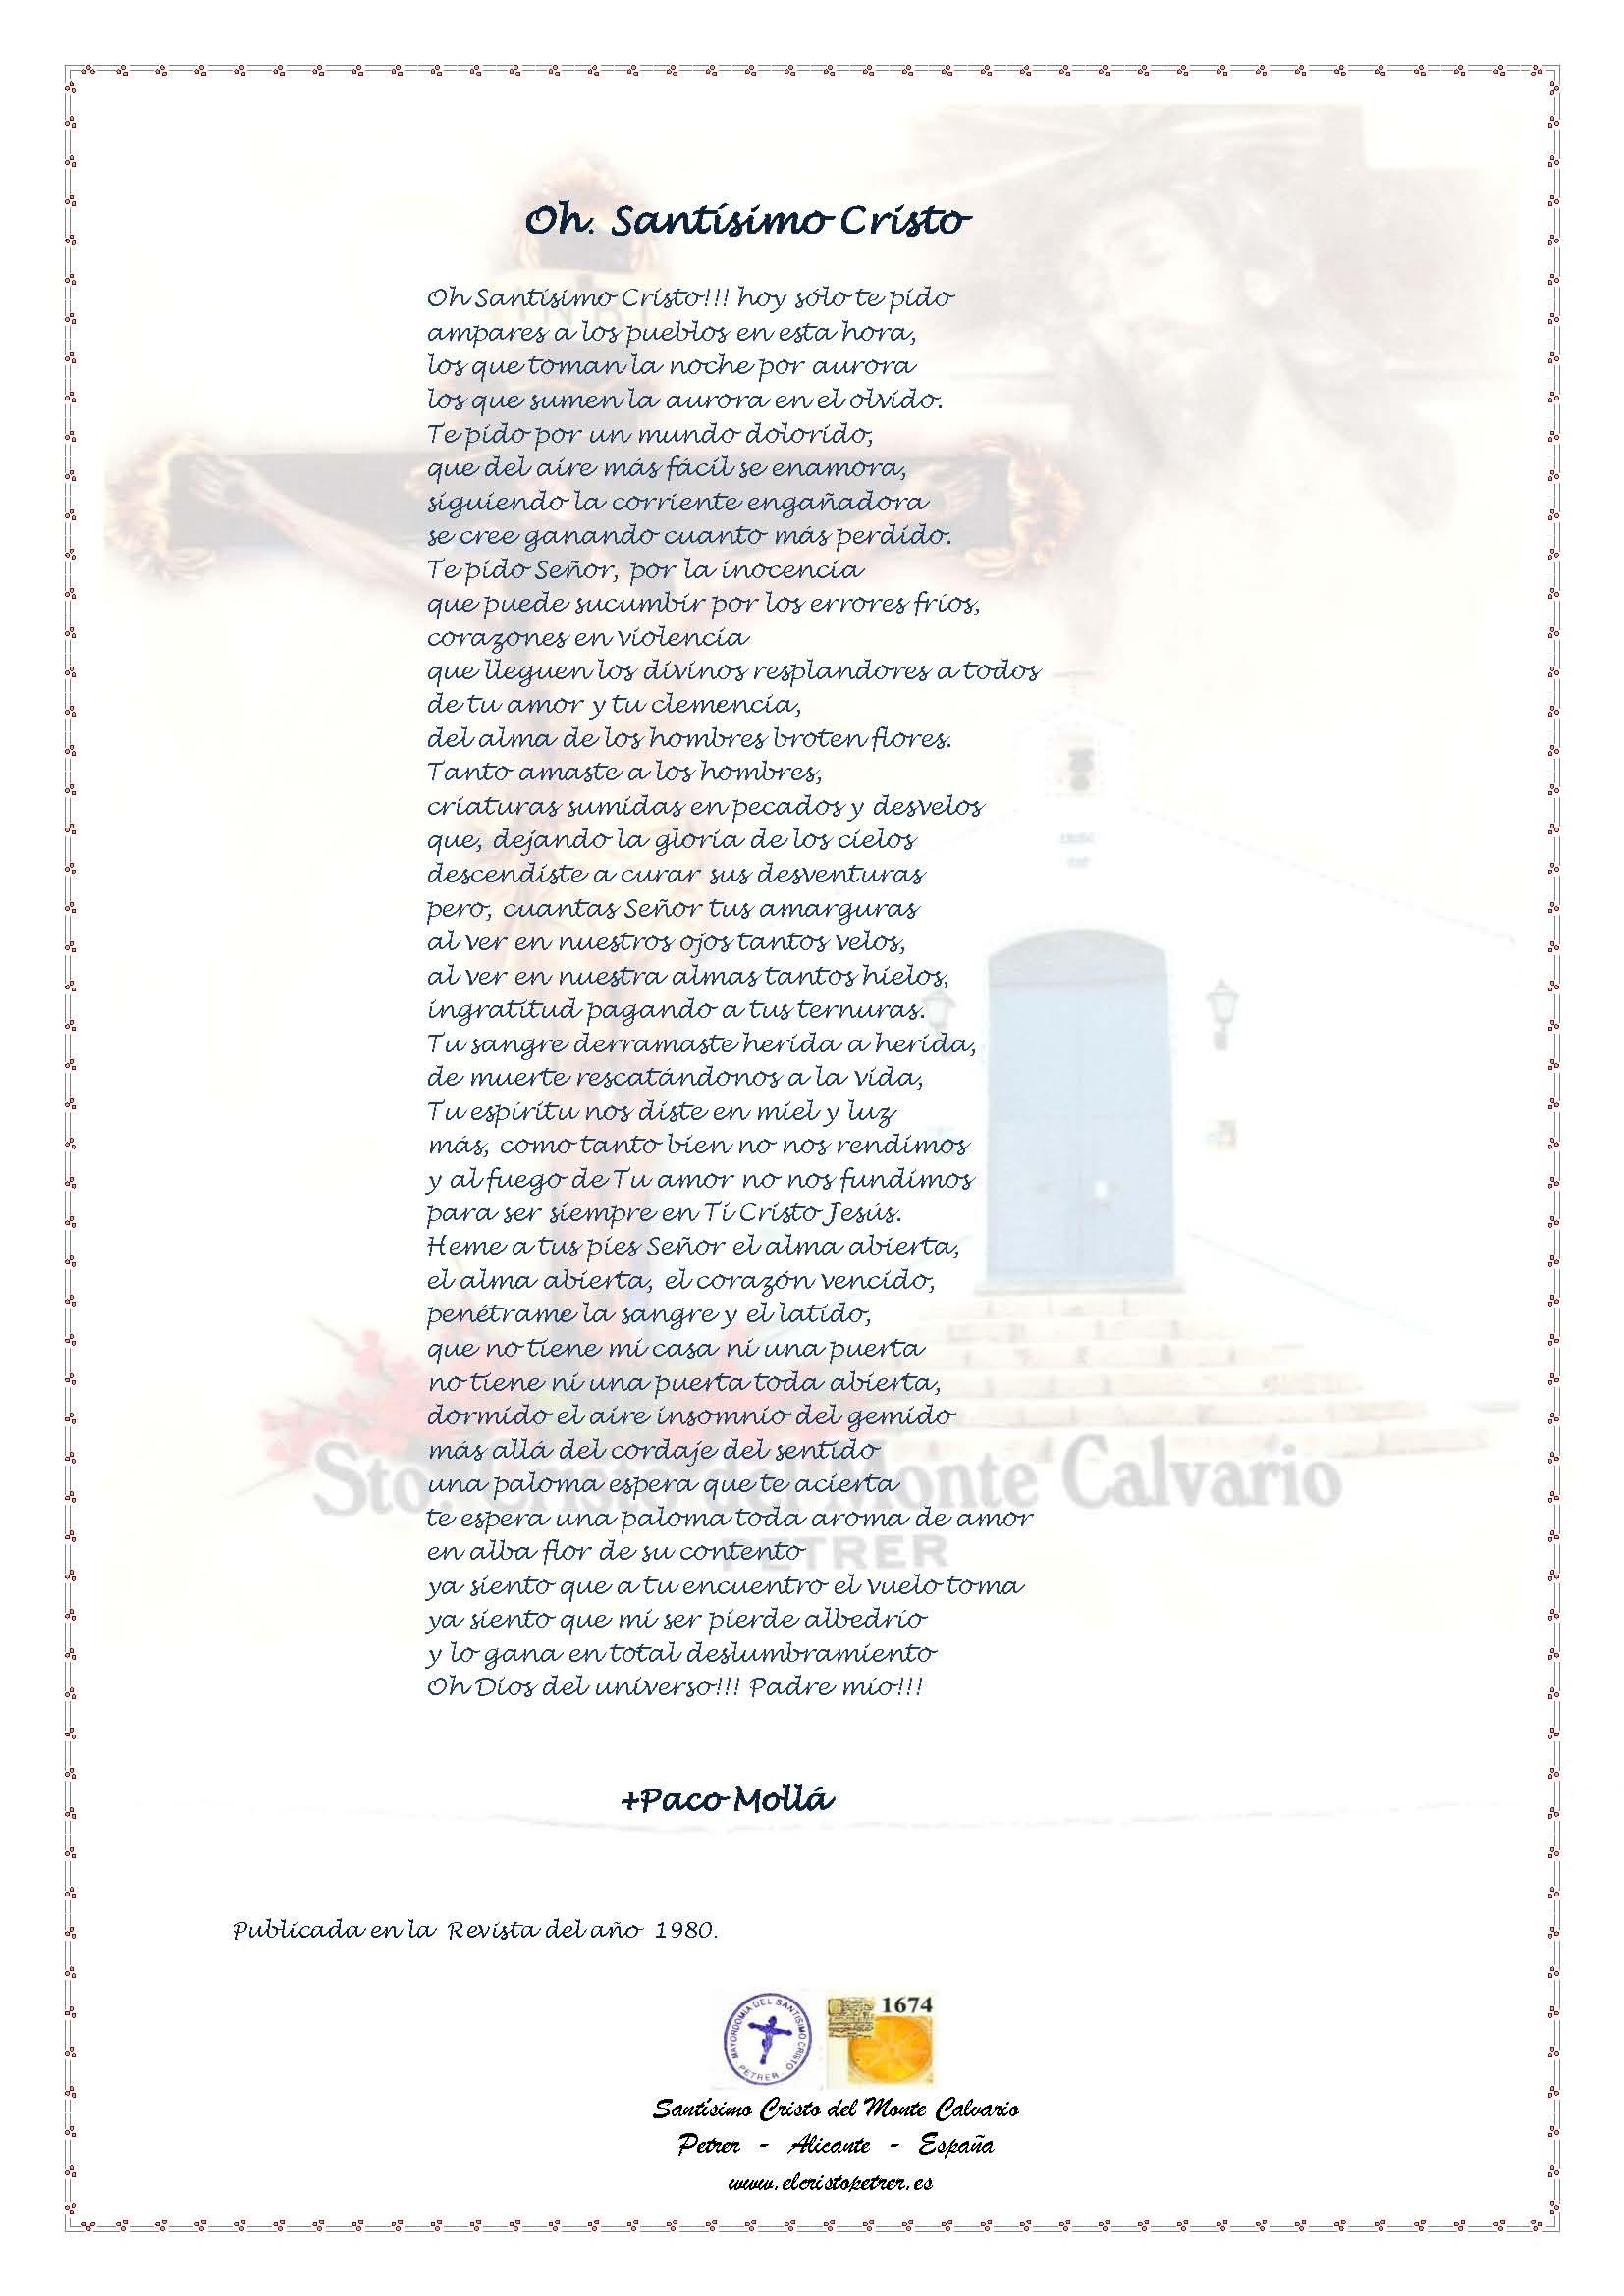 ElCristo - Poesias - Molla, Paco - Revista 1980 - Oh Santísimo Cristo